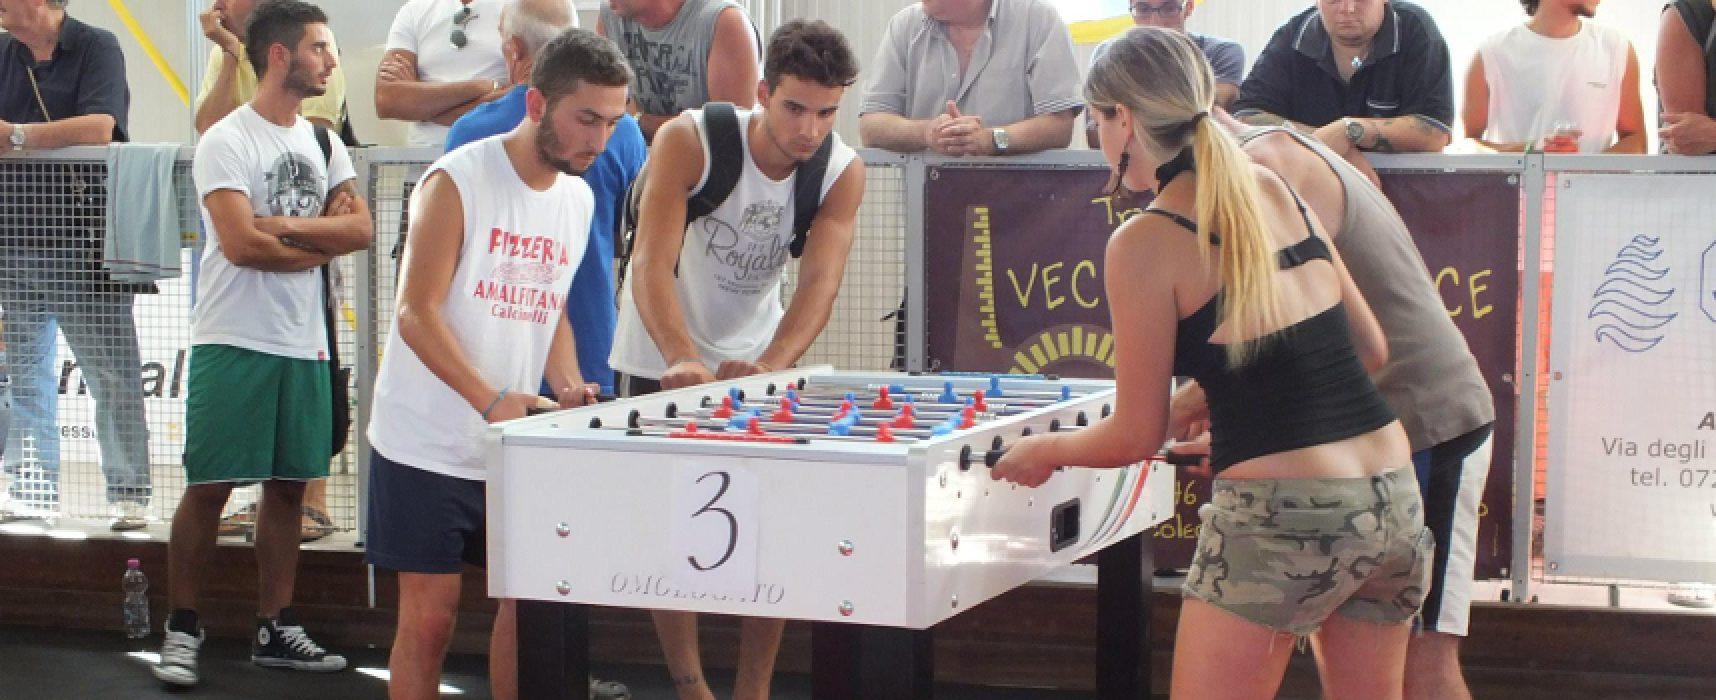 """""""Incontriamoci giocando"""", XIV edizione del torneo solidale di calcio balilla della cooperativa Temenos"""